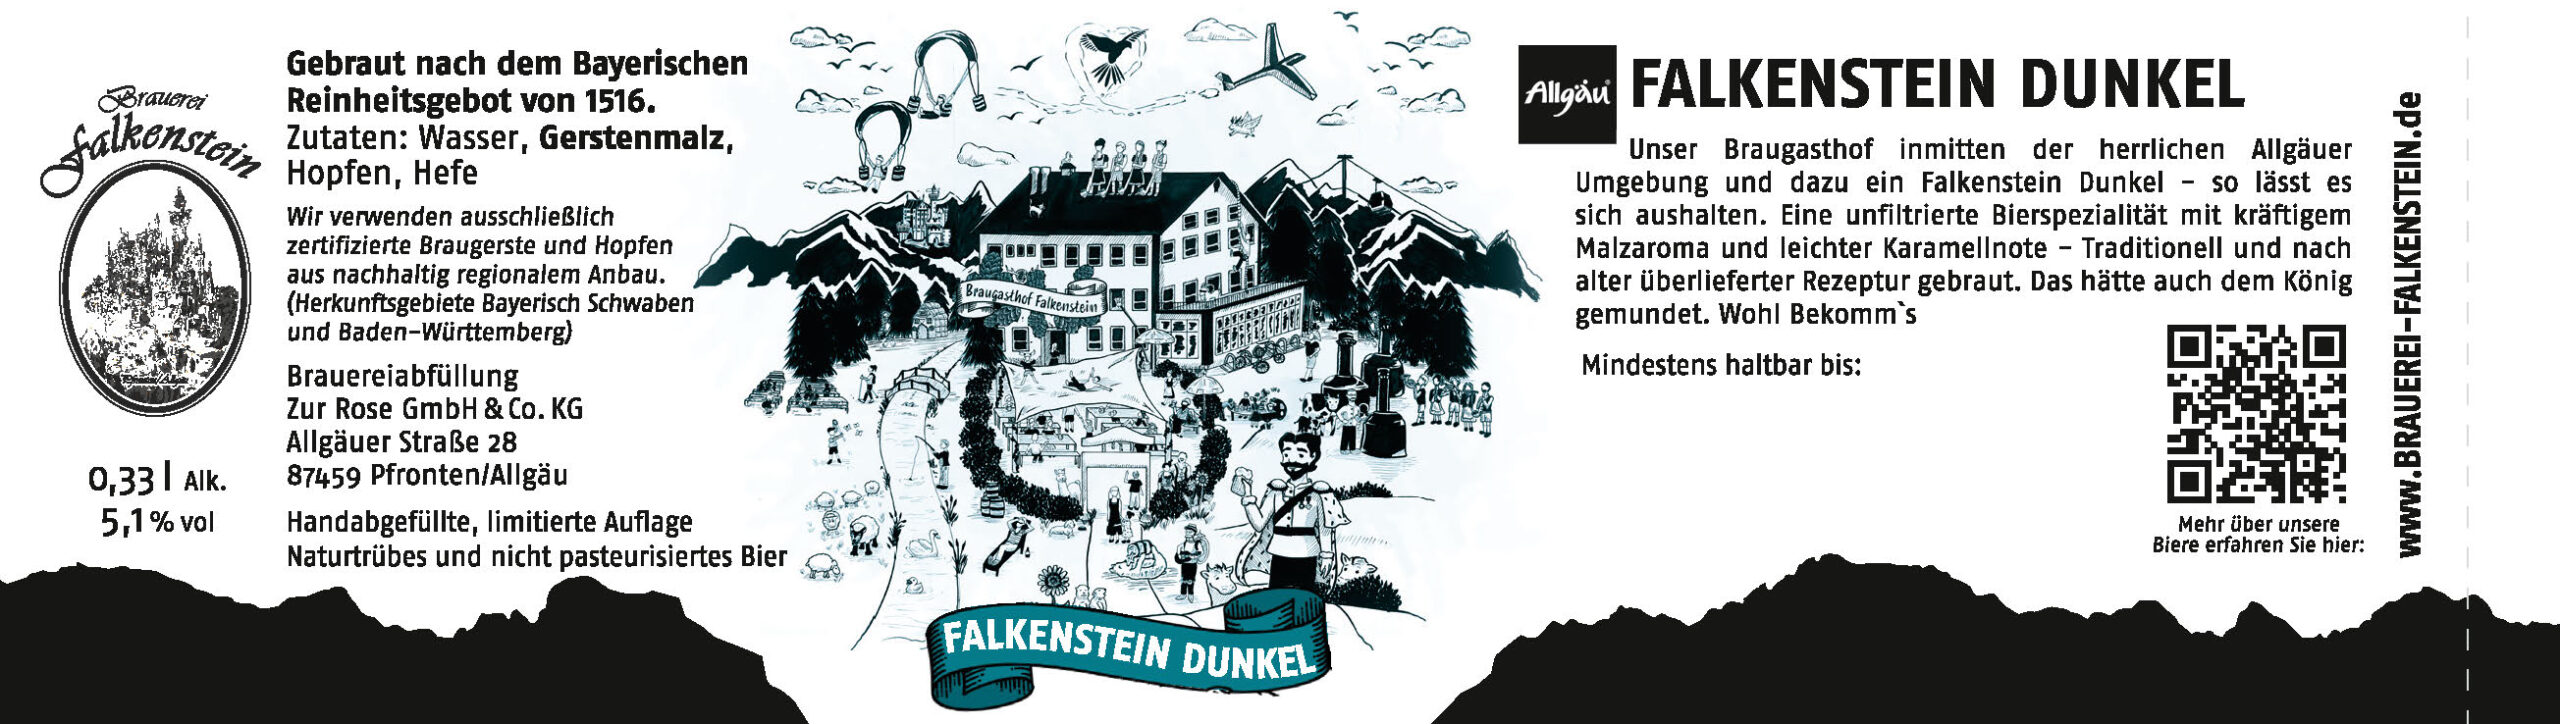 Falkenstein Dunkel 033l - Bild